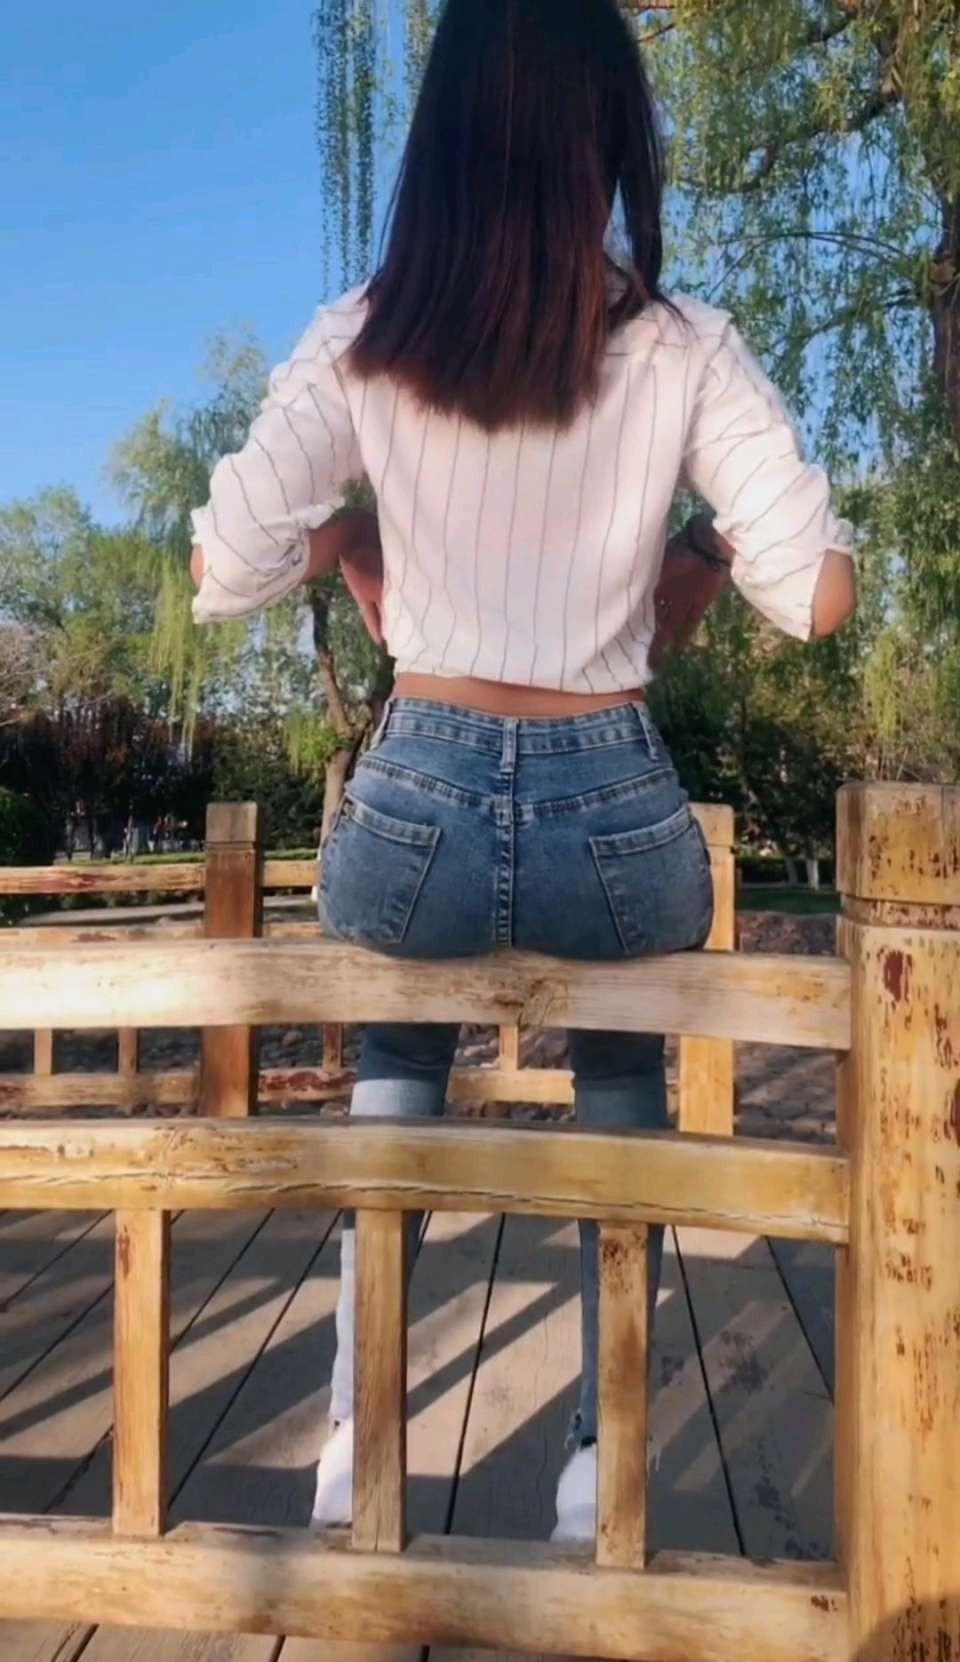 男人的眼睛为什么喜欢盯着穿牛仔裤的女孩,她们有什么魅力?